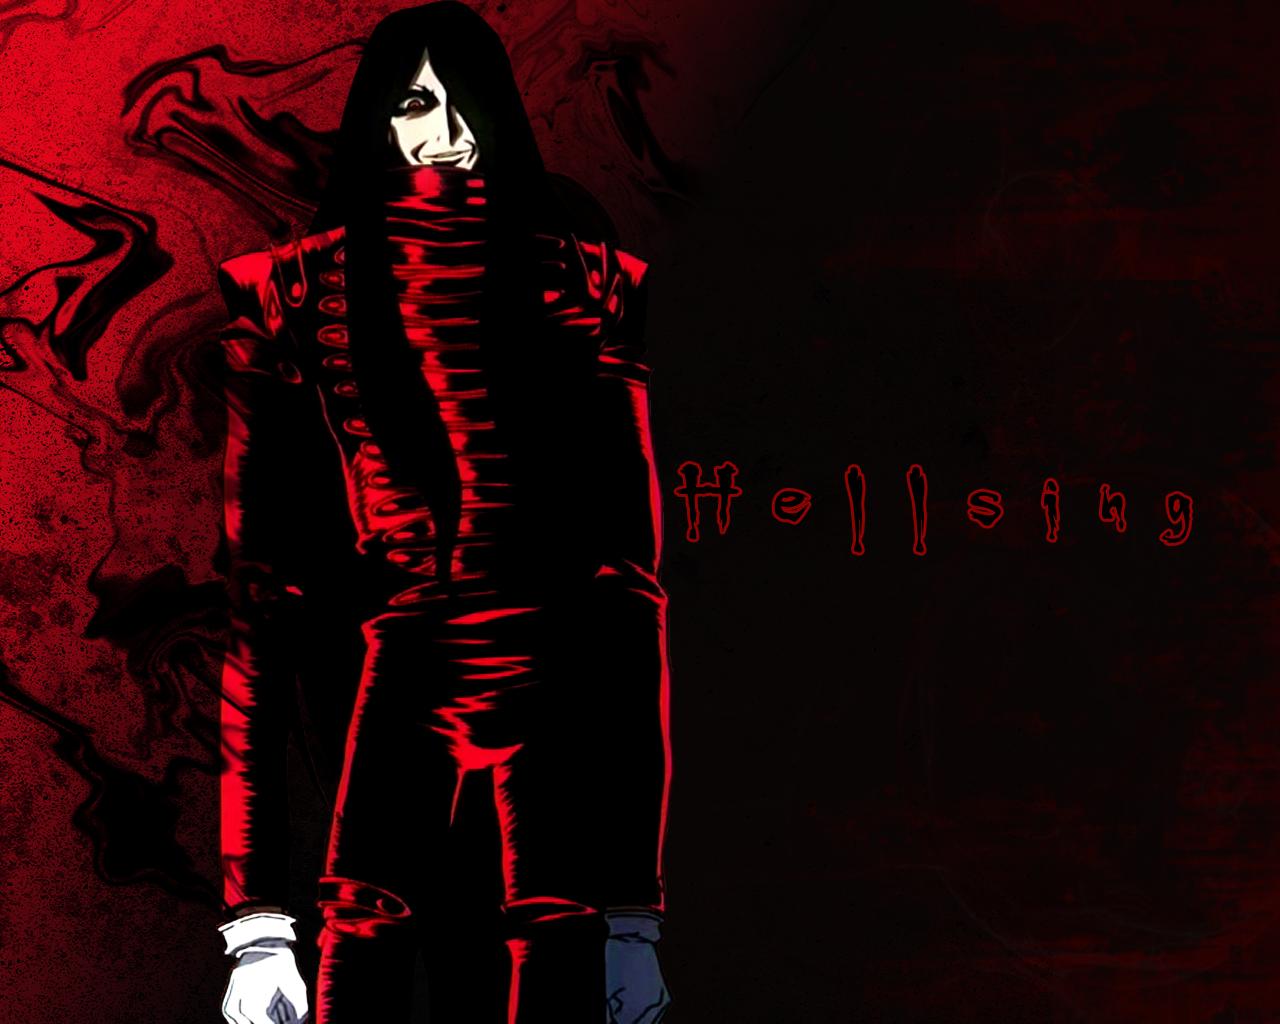 http://fc06.deviantart.net/fs71/f/2011/002/c/8/hellsing_alucard_by_kouta87-d368m7r.png